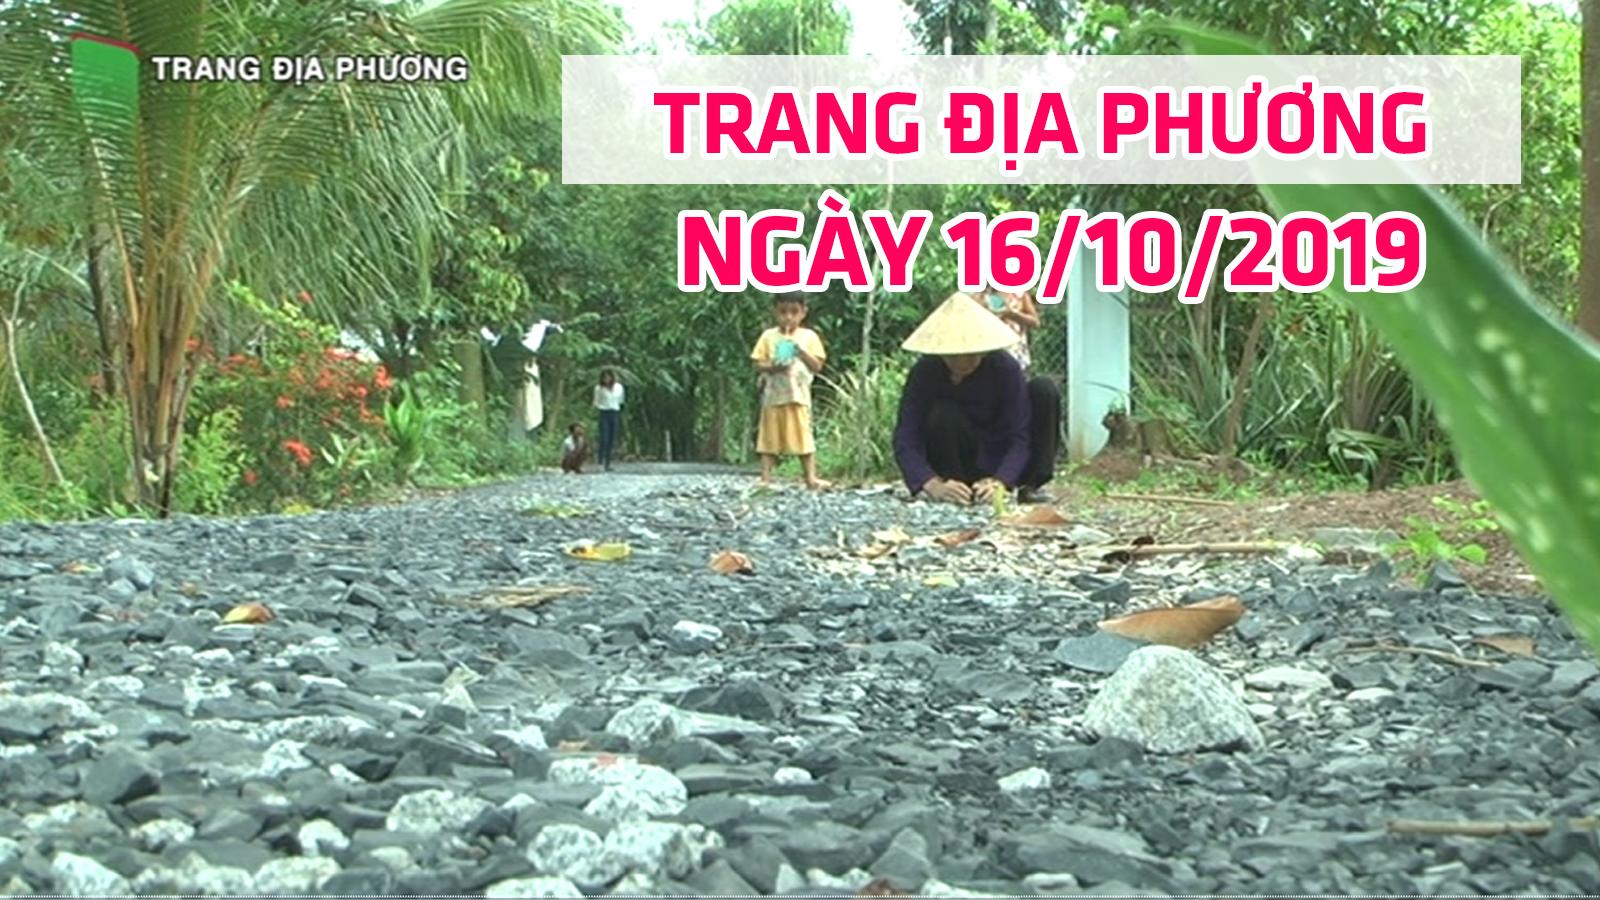 Trang tin địa phương - Thứ tư, 16/10/2019 - Huyện Cao Lãnh